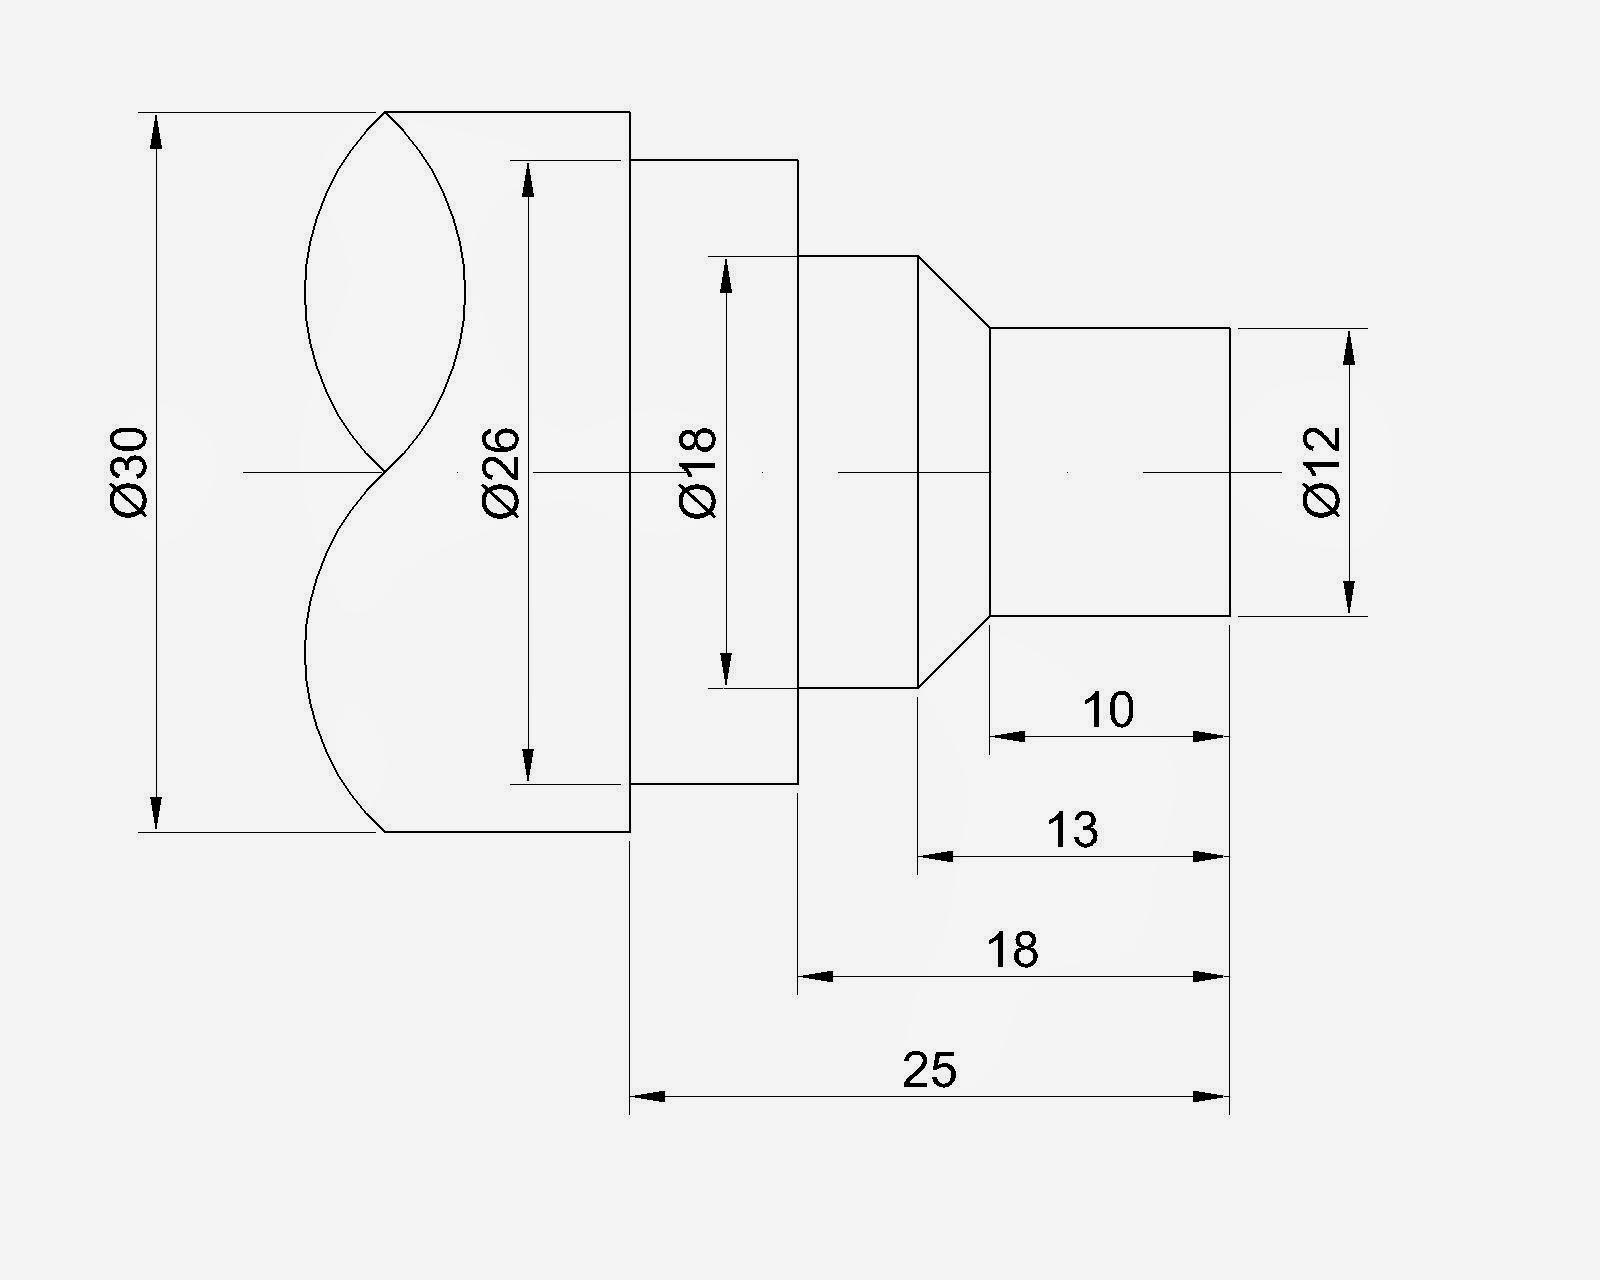 BAIXAR - SIMULADOR CNC SSCNC